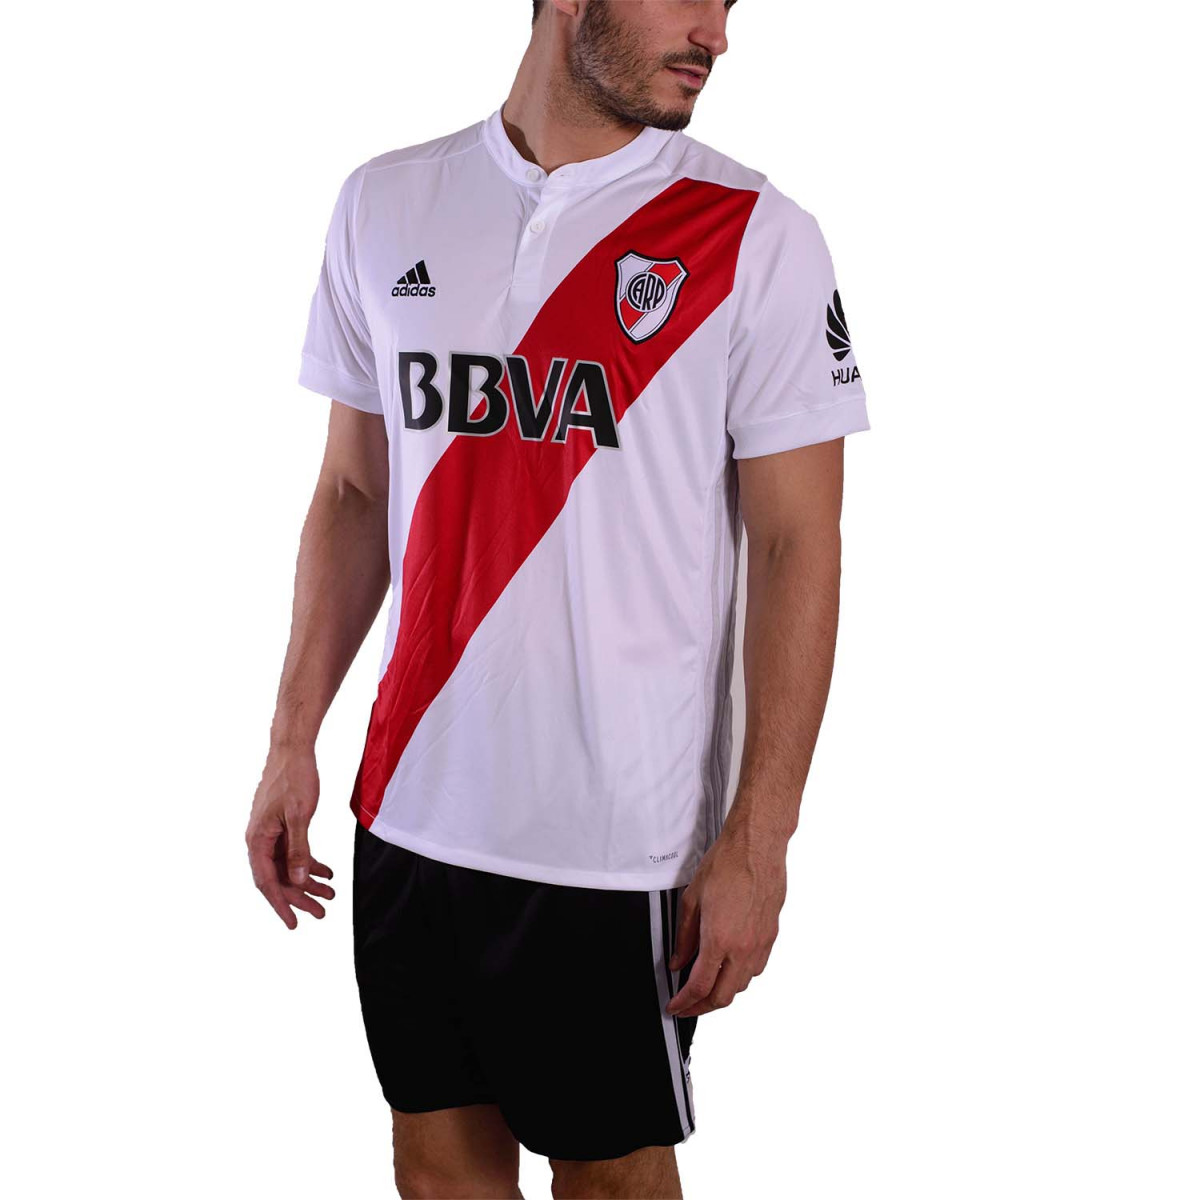 ca82d2230e473 Camiseta Adidas River Plate 2017 2018